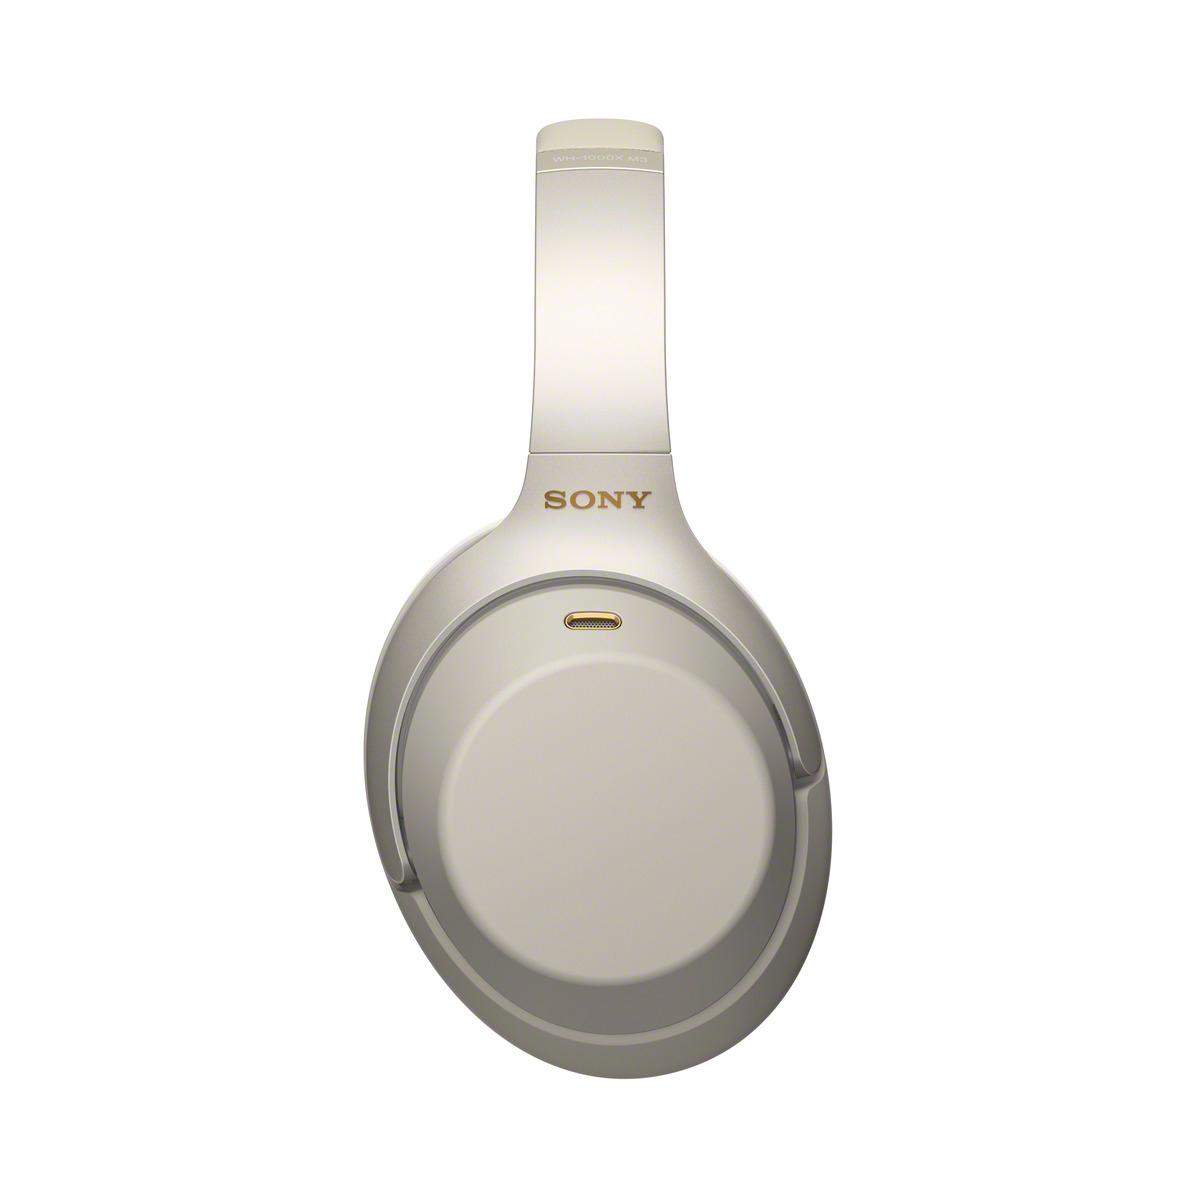 אוזניות SONY אלחוטיות דינמיות מרופדות מבטלות רעש דגם WH-1000XM3 - משלוח חינם - תמונה 2